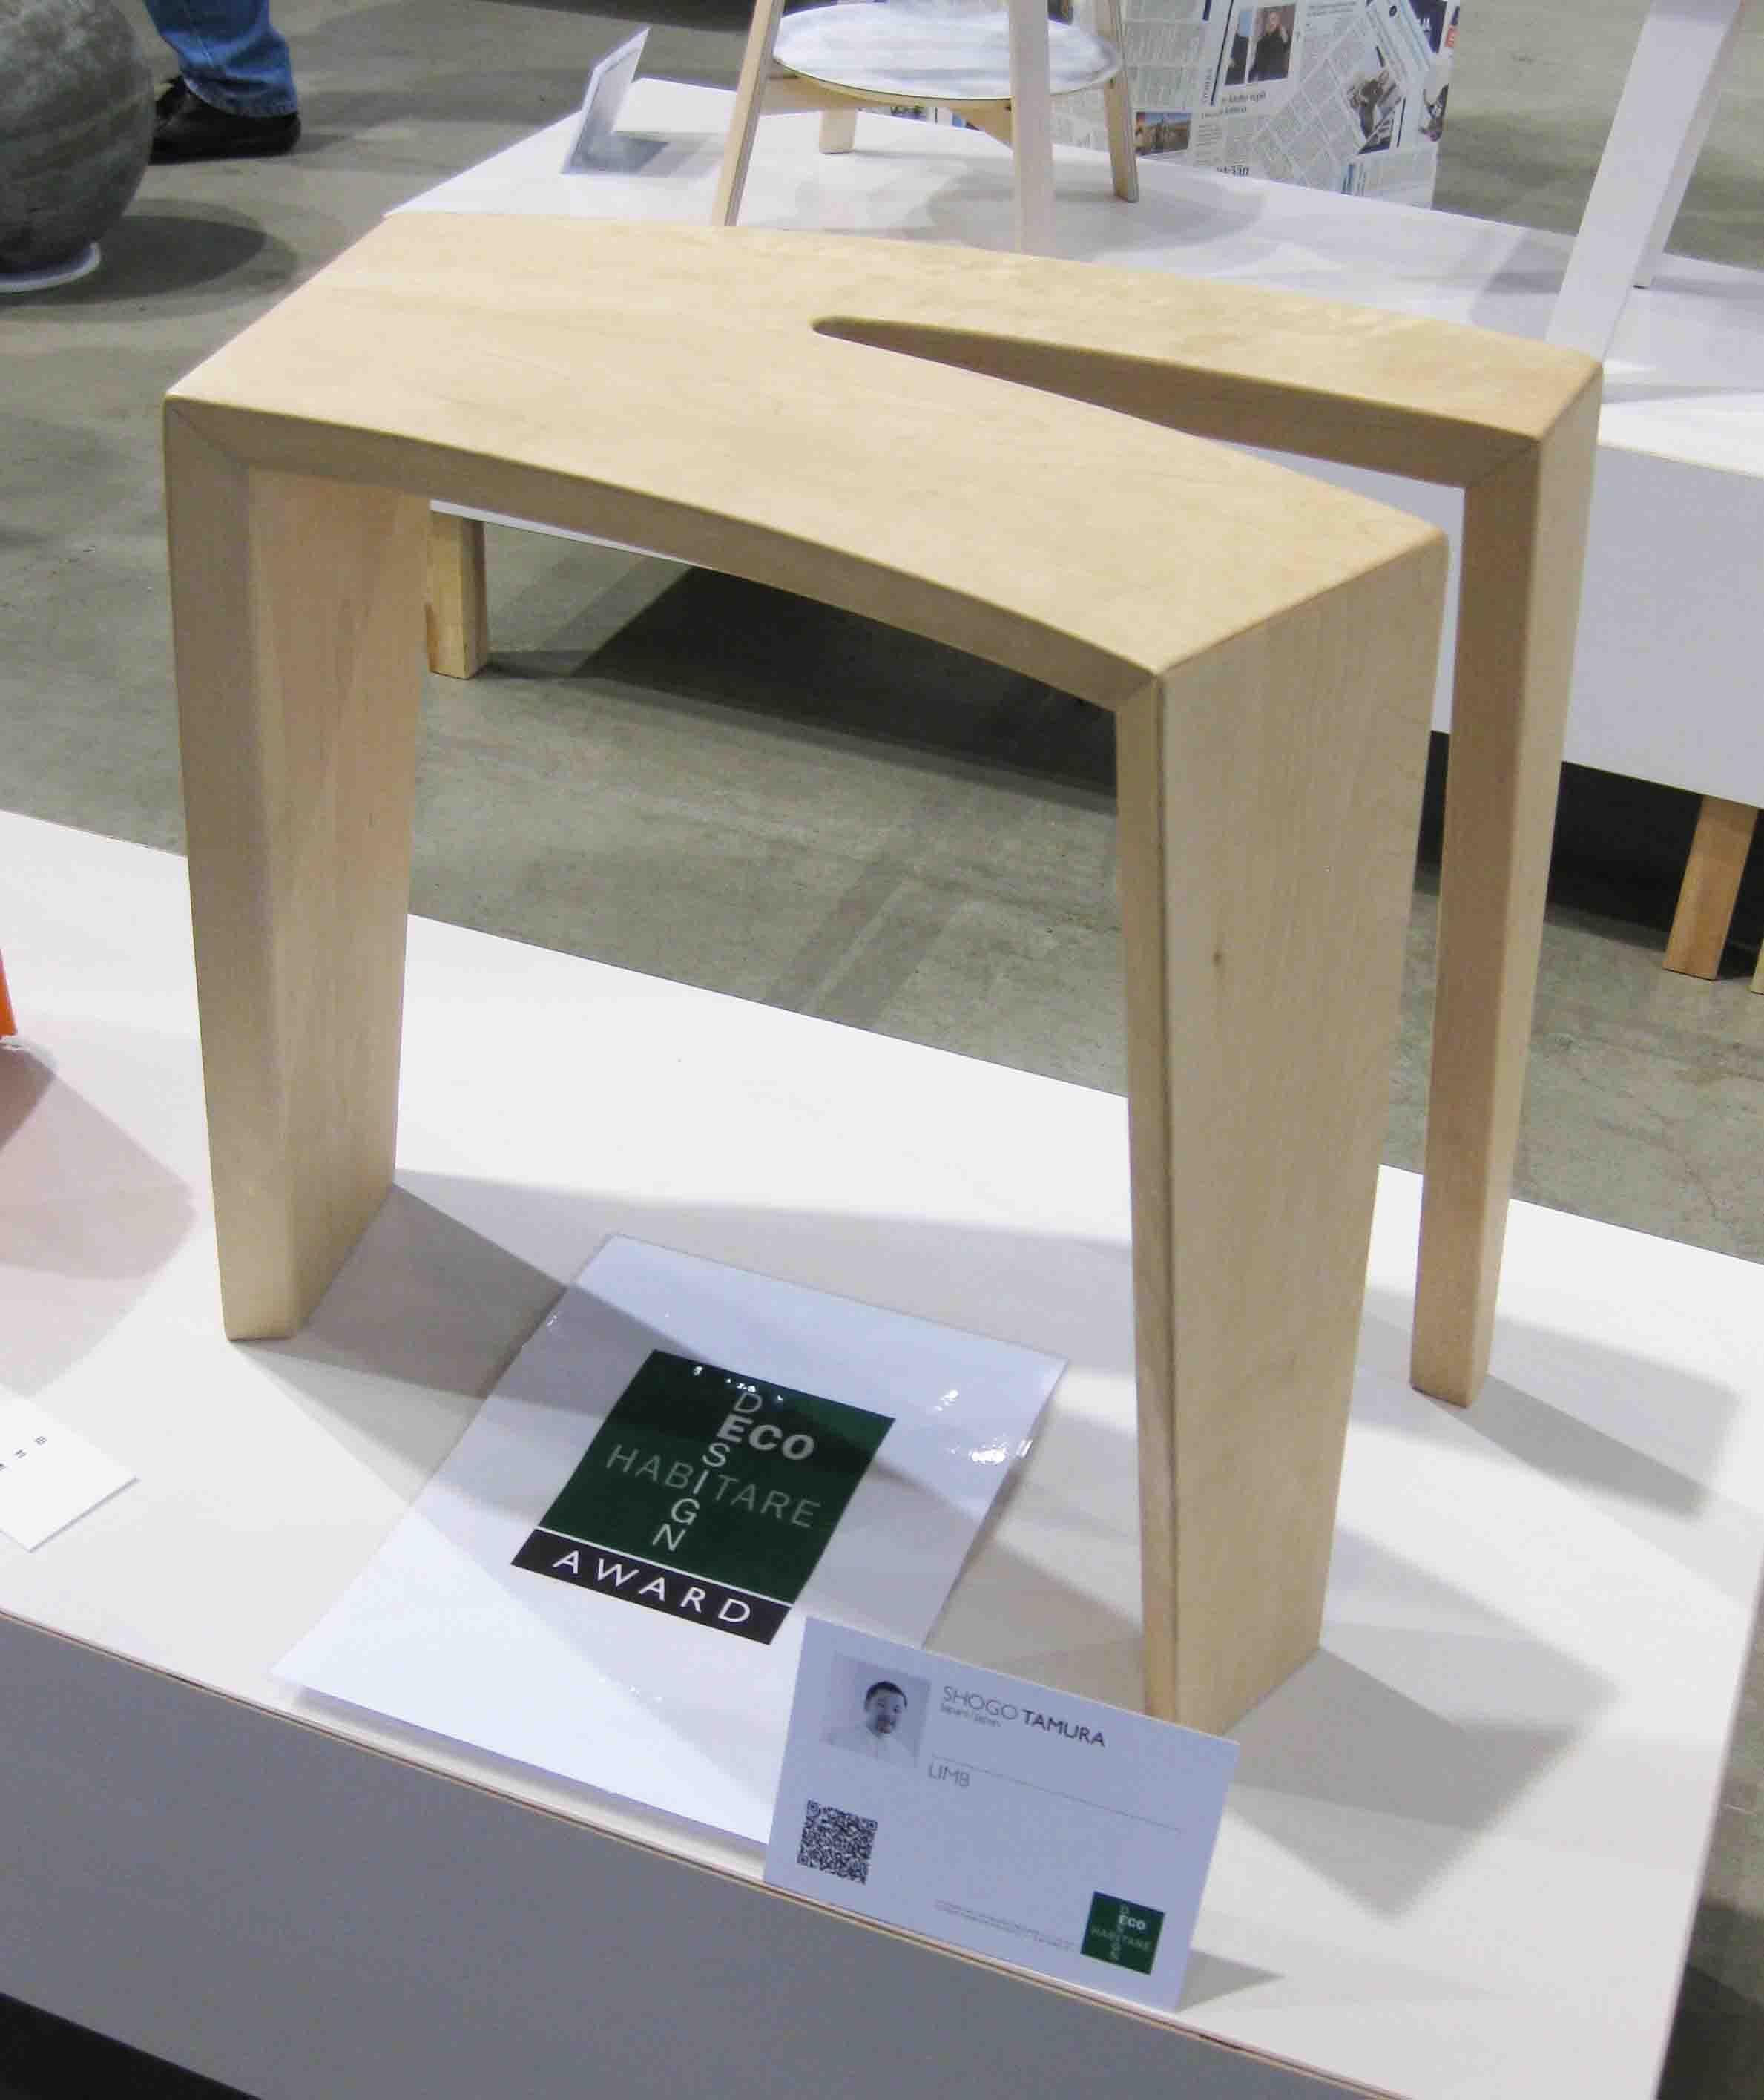 102 Eco Design Shogo Tamura Limb-jakkara